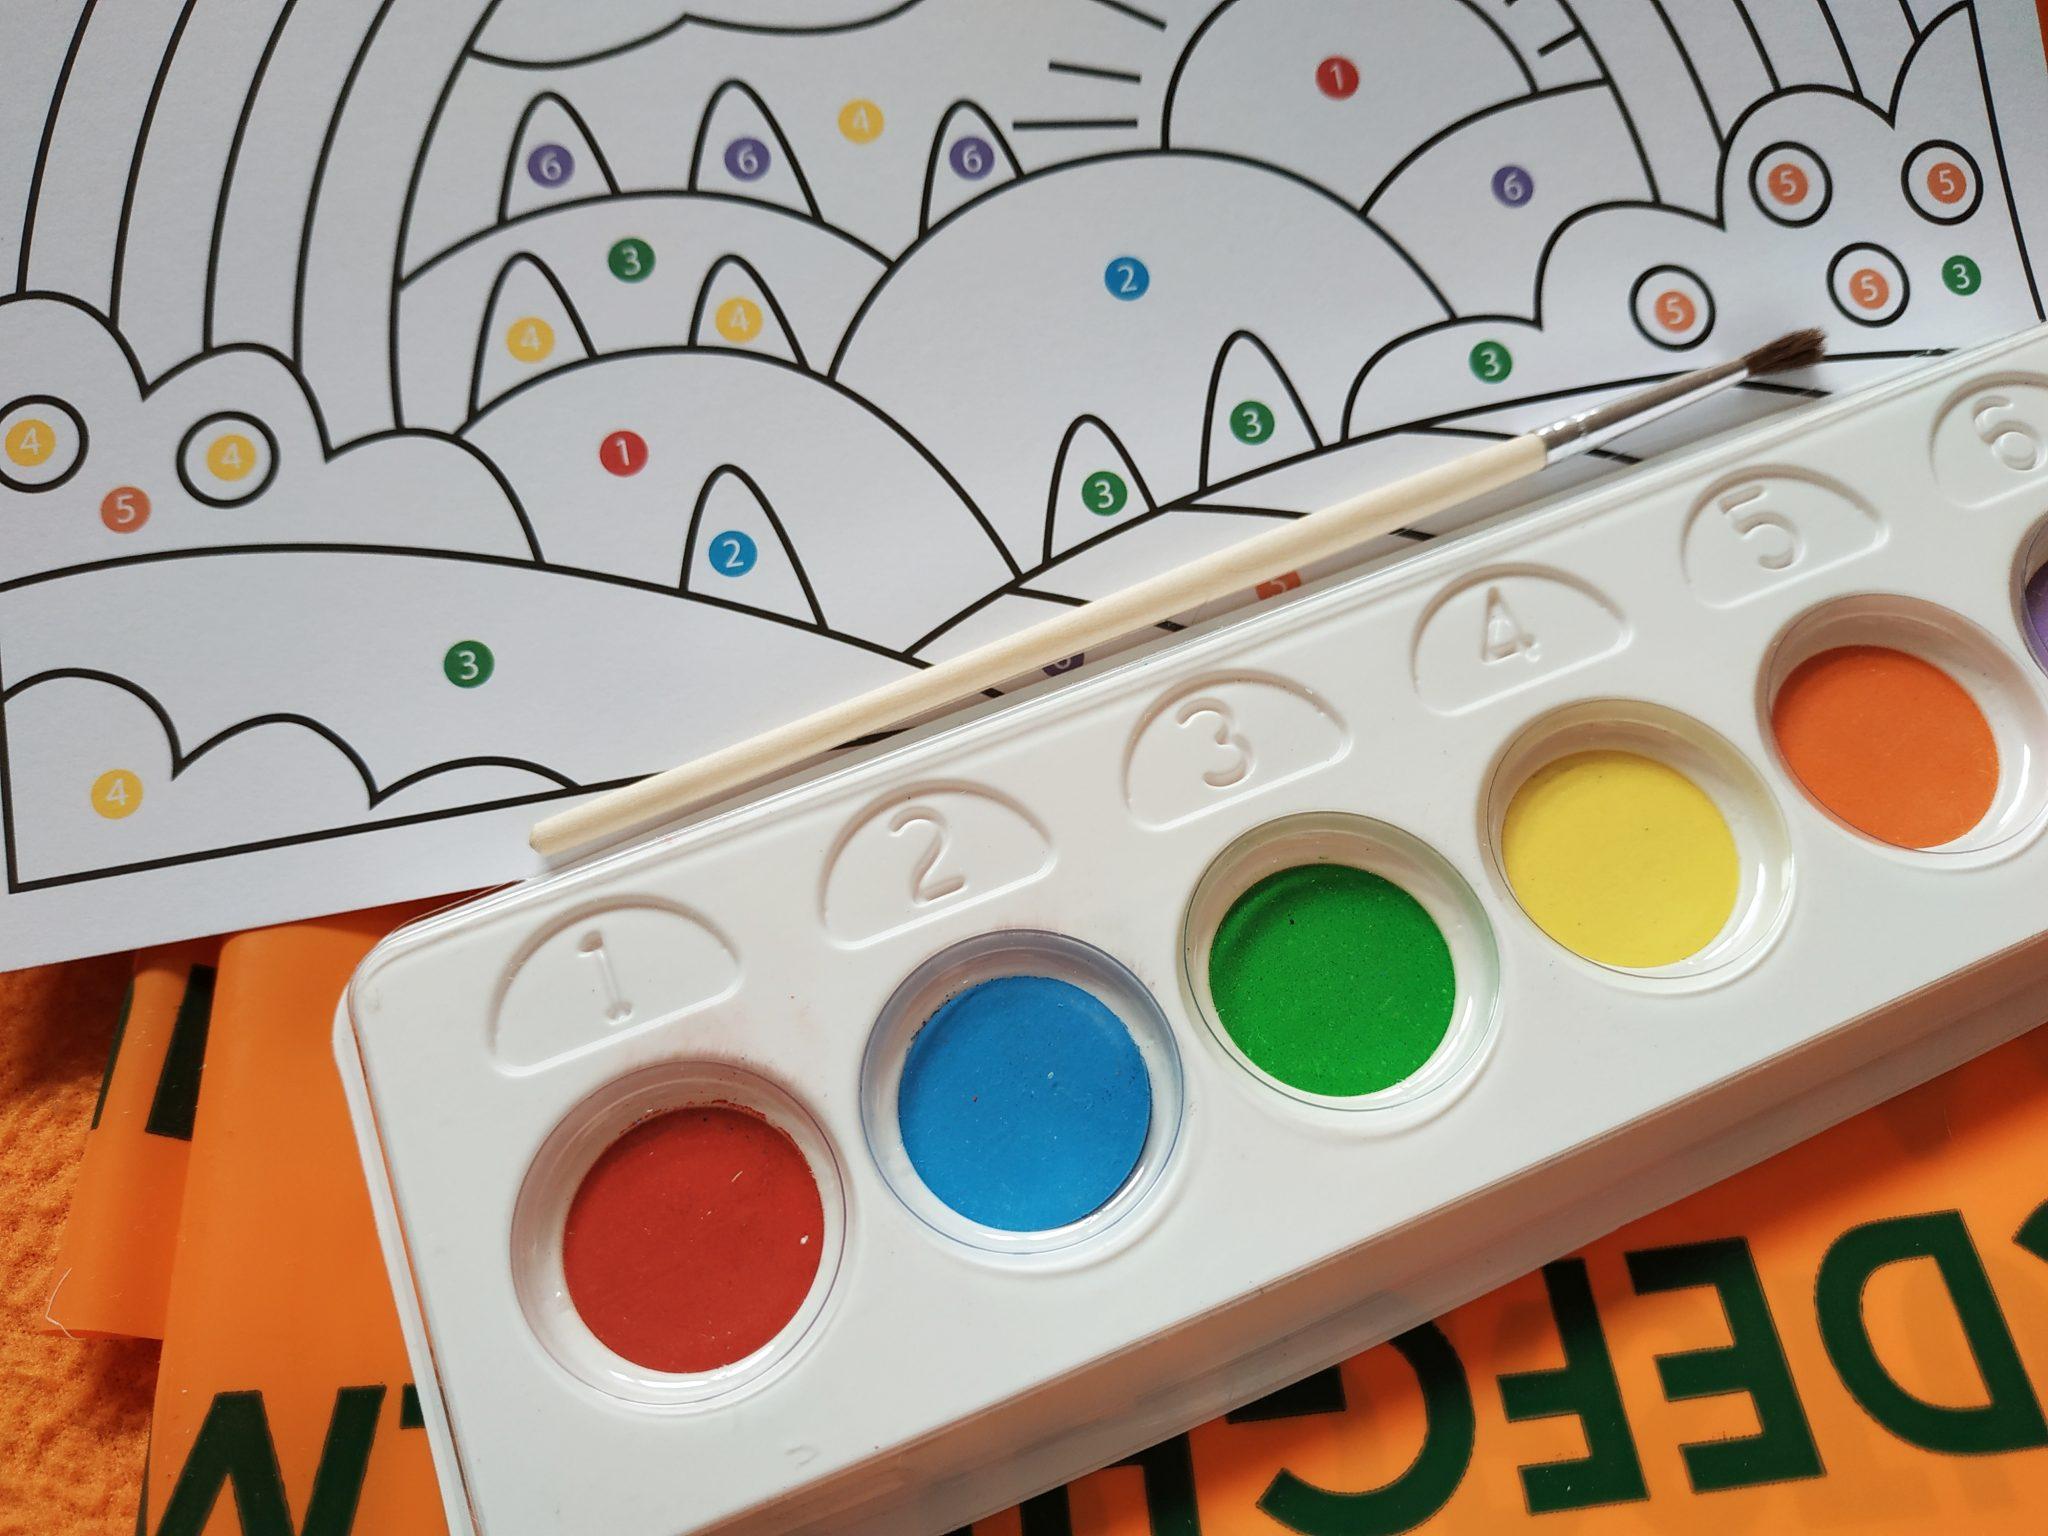 IMG 20190409 094945 - Juegos didácticos para niños de 6 años